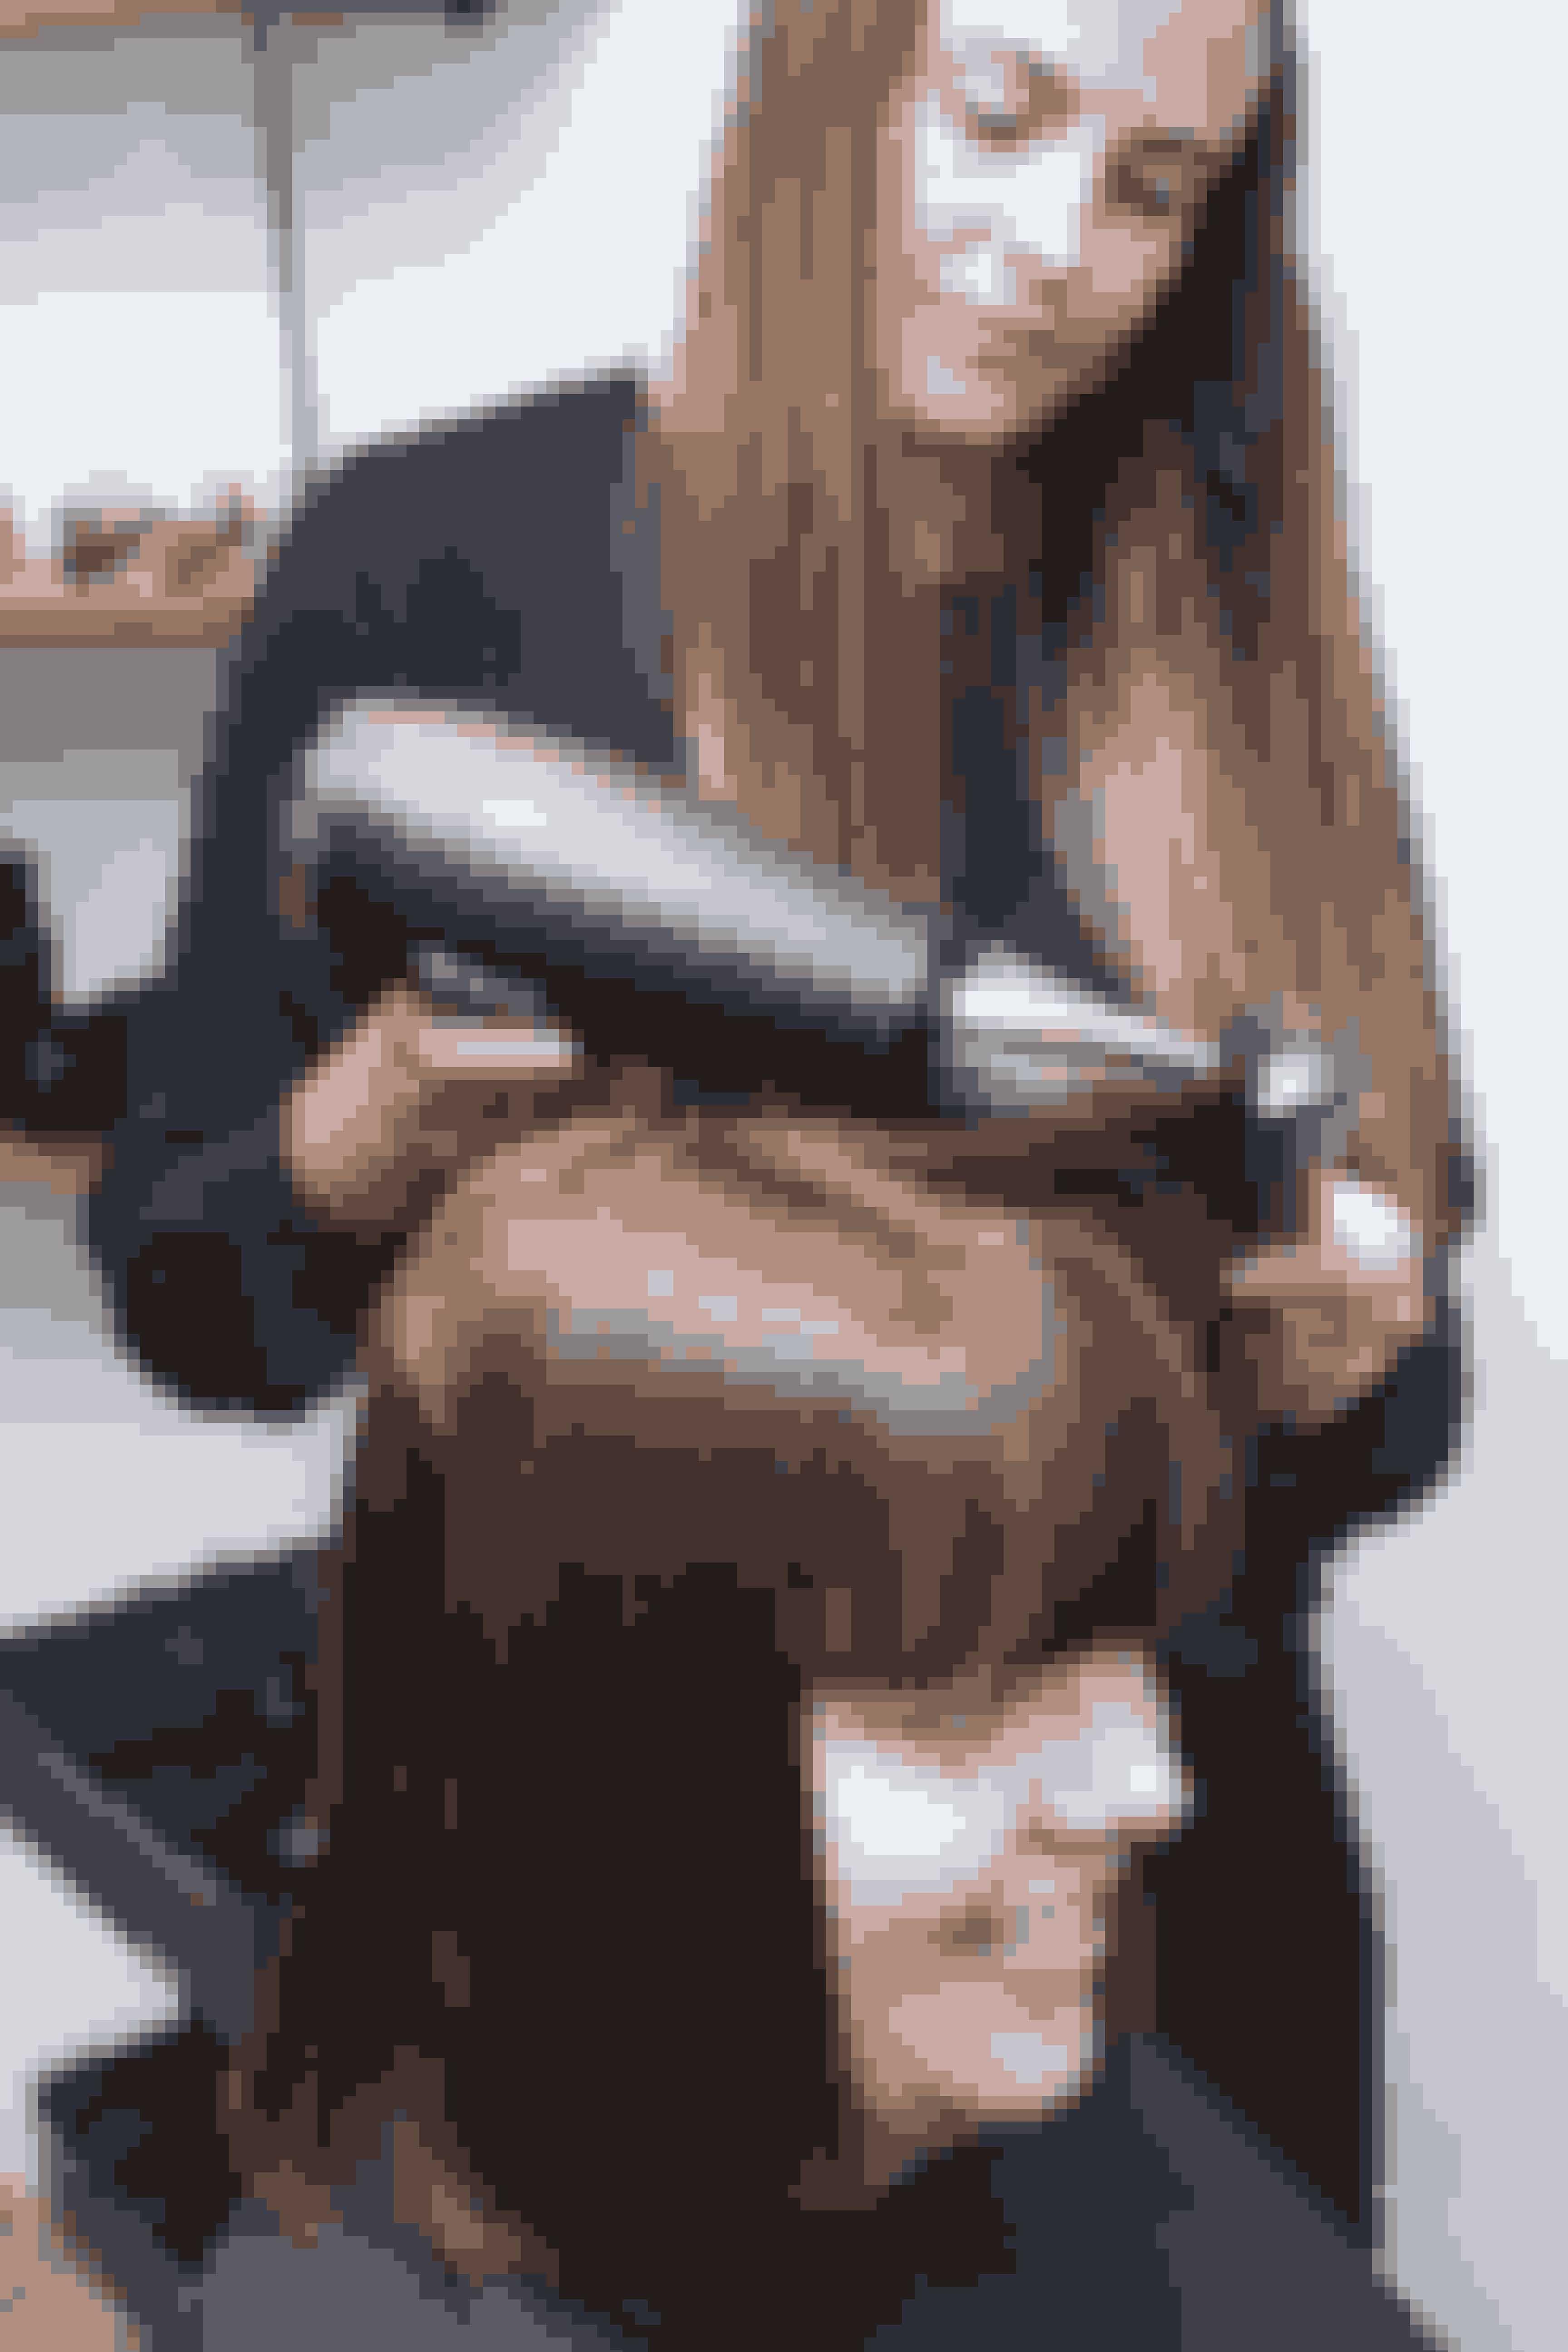 Katja Edvardsen fra Salon Ofia ønsker at give Rikke en mørkere og dybere farve. På den måde indrammes ansigtet, forklarer hun. Desuden passer det godt til Rikkes øjenfarve, at der kommer en hårfarve med mere dybde. Katja klipper lidt af længden, sådan den kommer op omkring kæben.– Det er vigtigt, at håret ikke bliver for tungt at se på. Med den her frisure får Rikke et lettere look, og samtidig fungerer længden godt til hendes nye pandehår. Det korte hår skaber en fin ramme om hendes ansigt, som fungerer godt til hende, fortæller Katja.